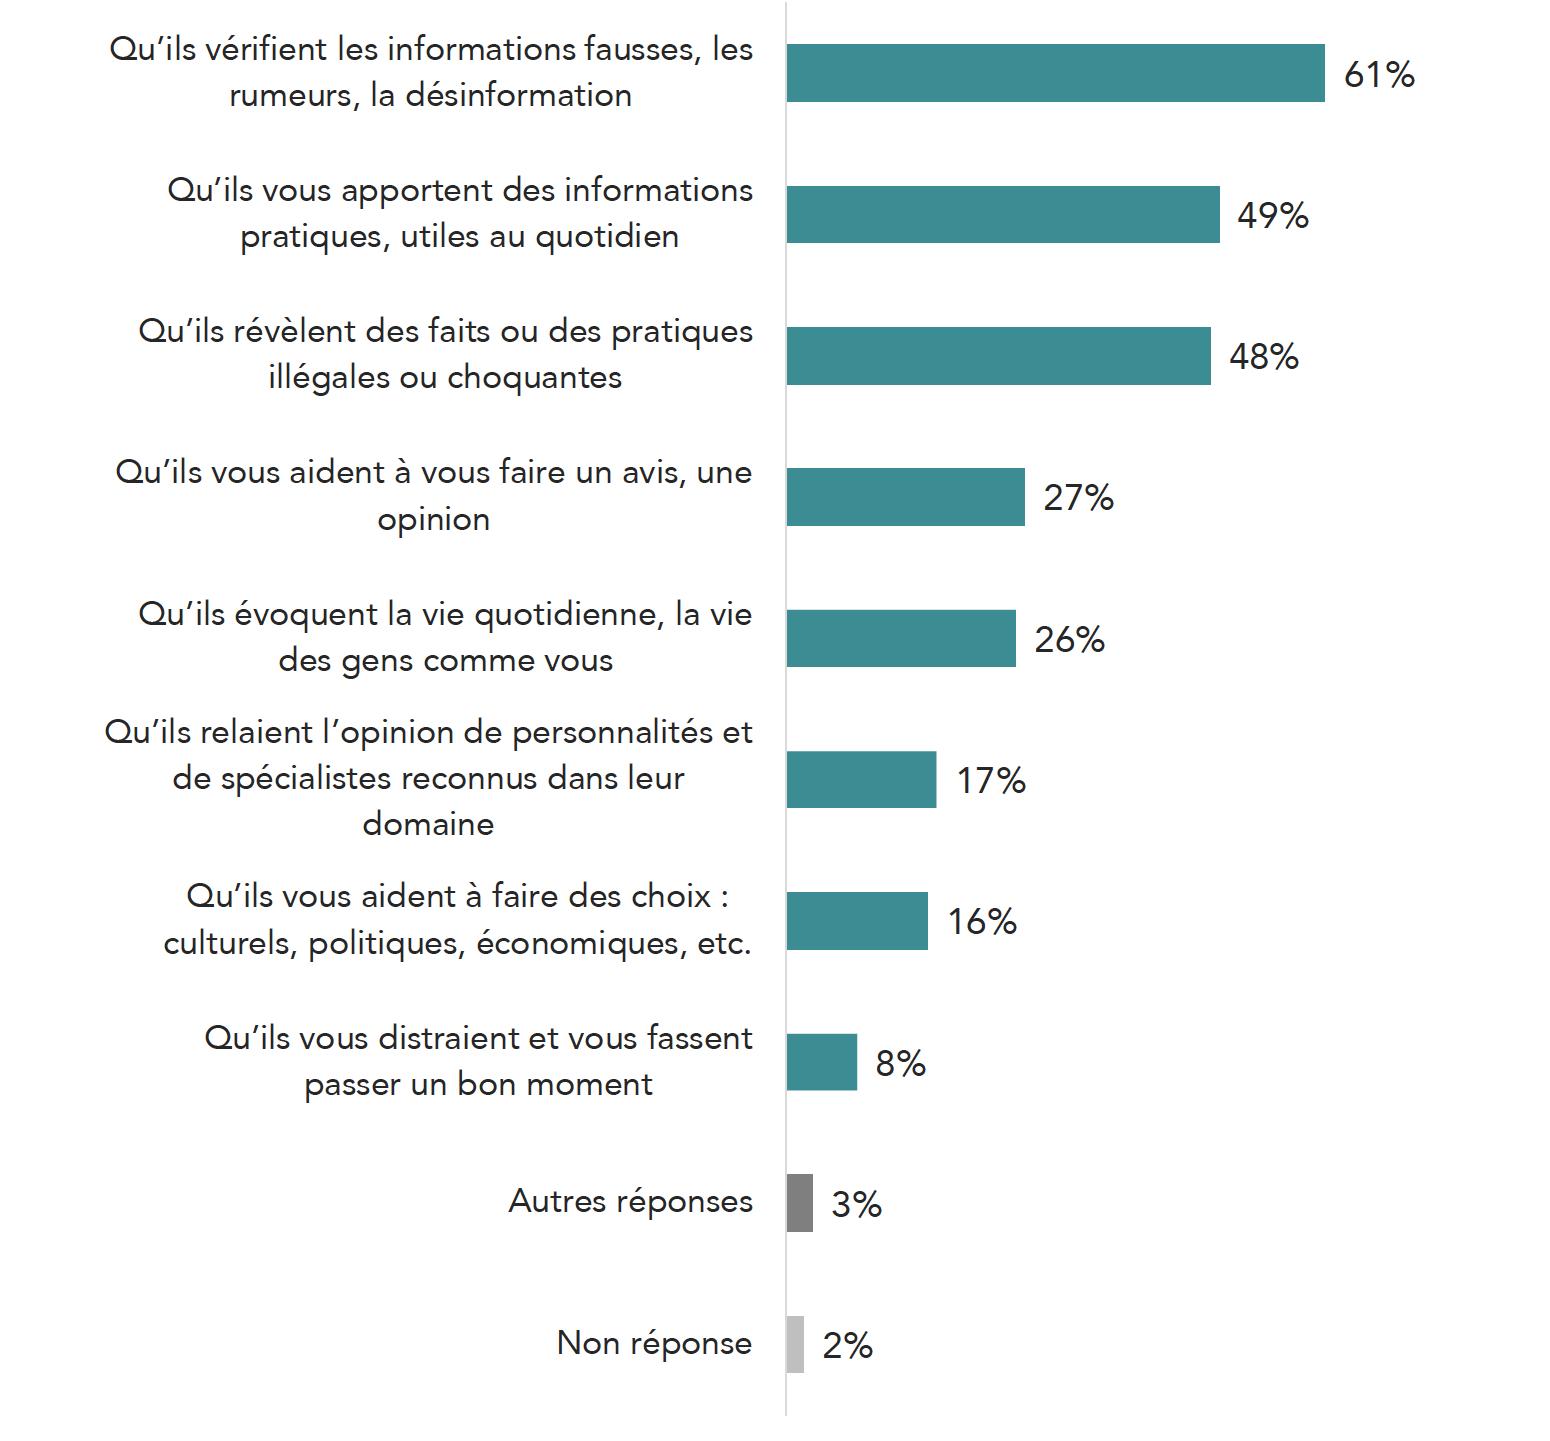 Les attentes des Français envers les journalistes